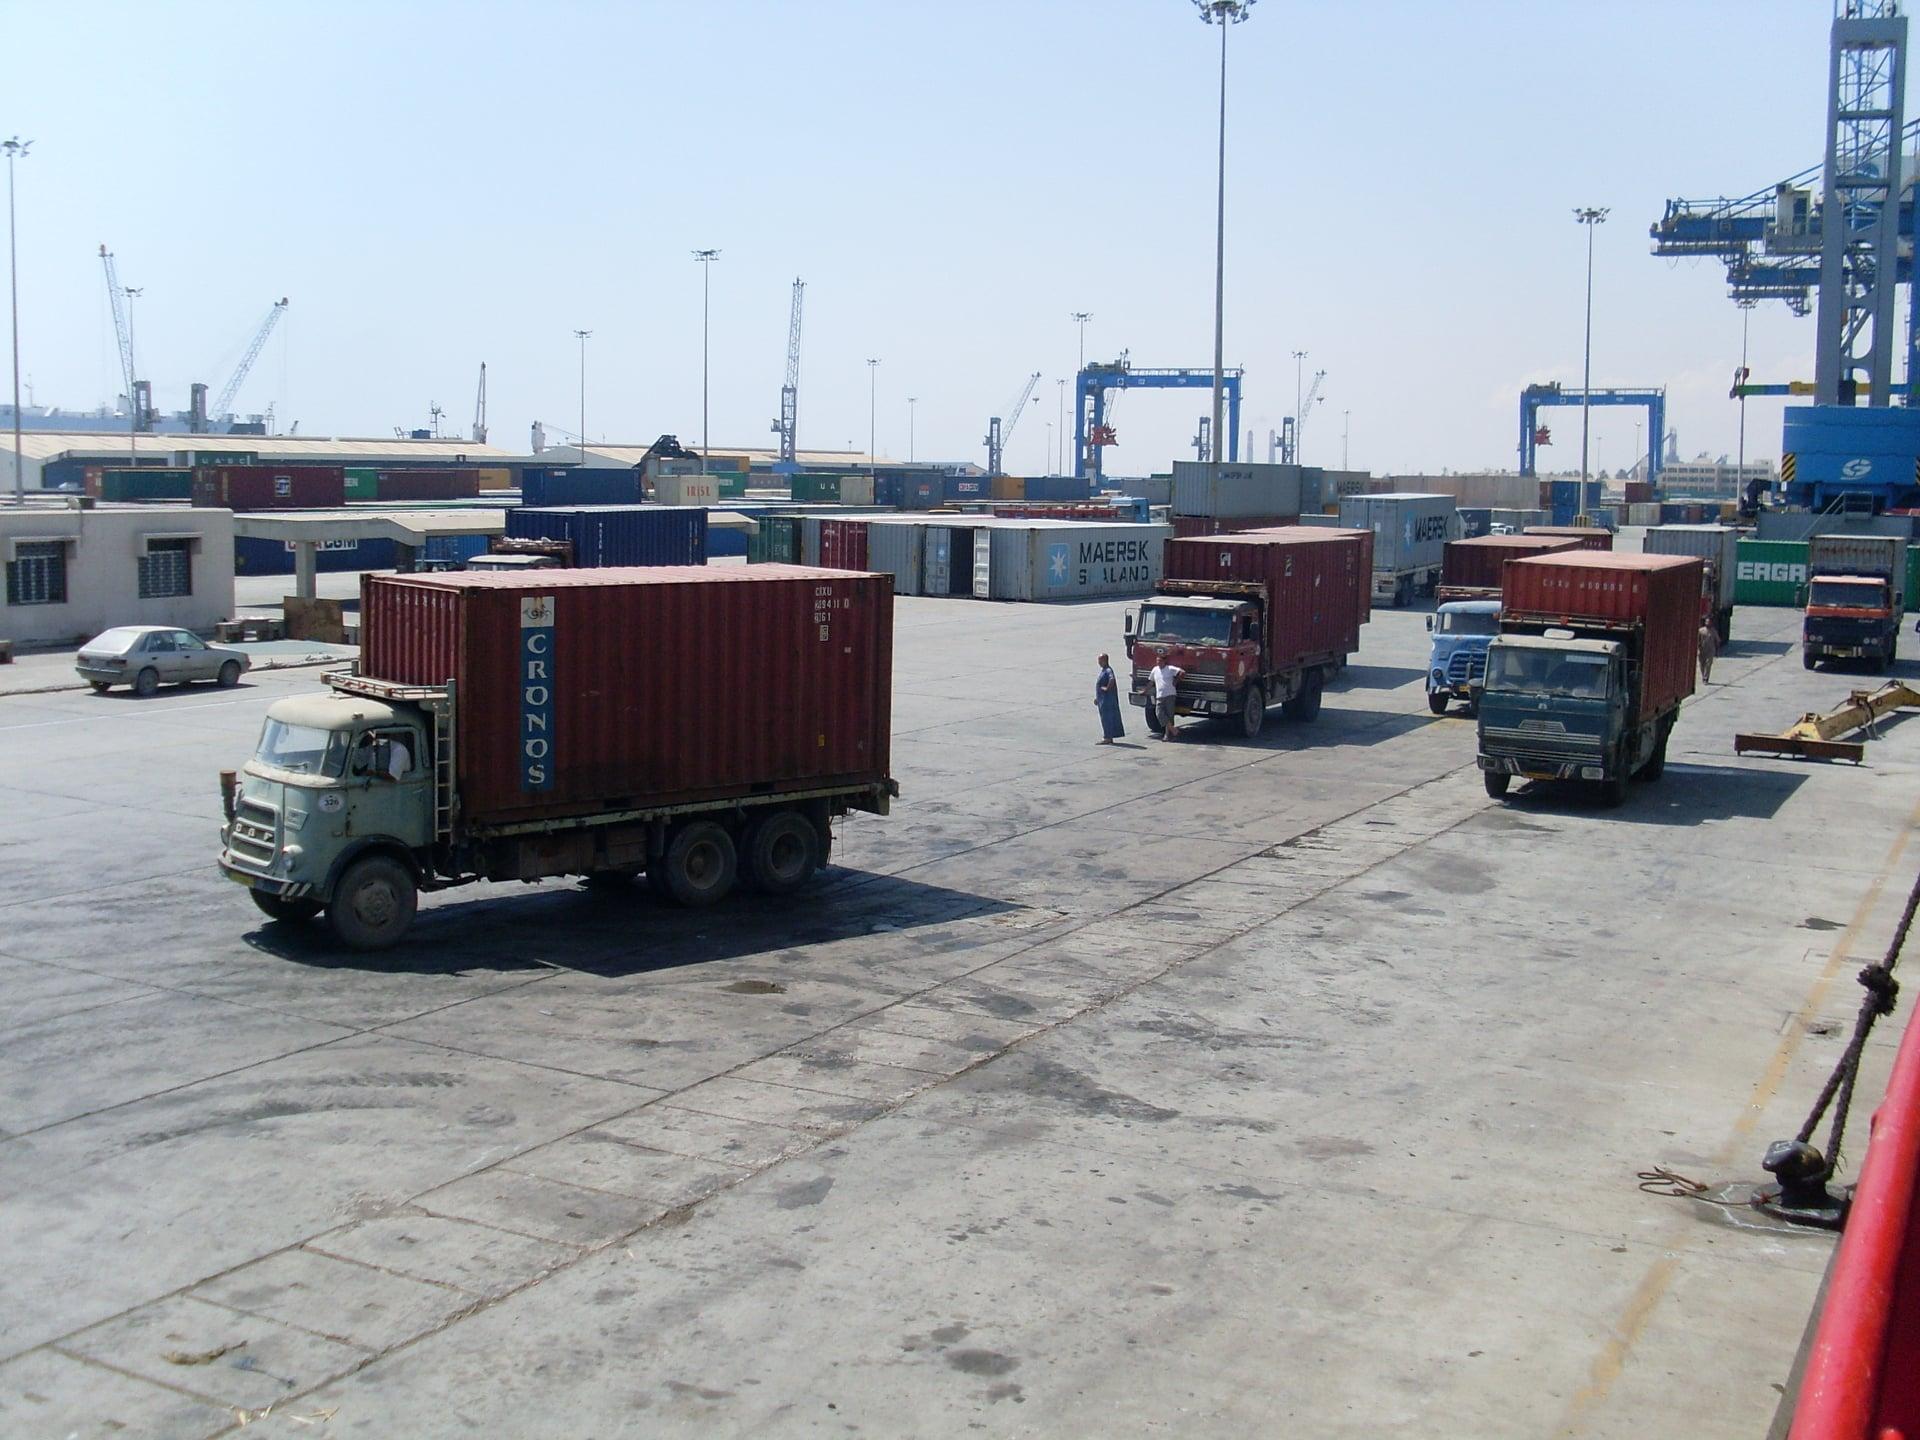 Daf-in-de-haven-van-Tripolie-2018--Ad-van-Heel-geel-archief--(21)